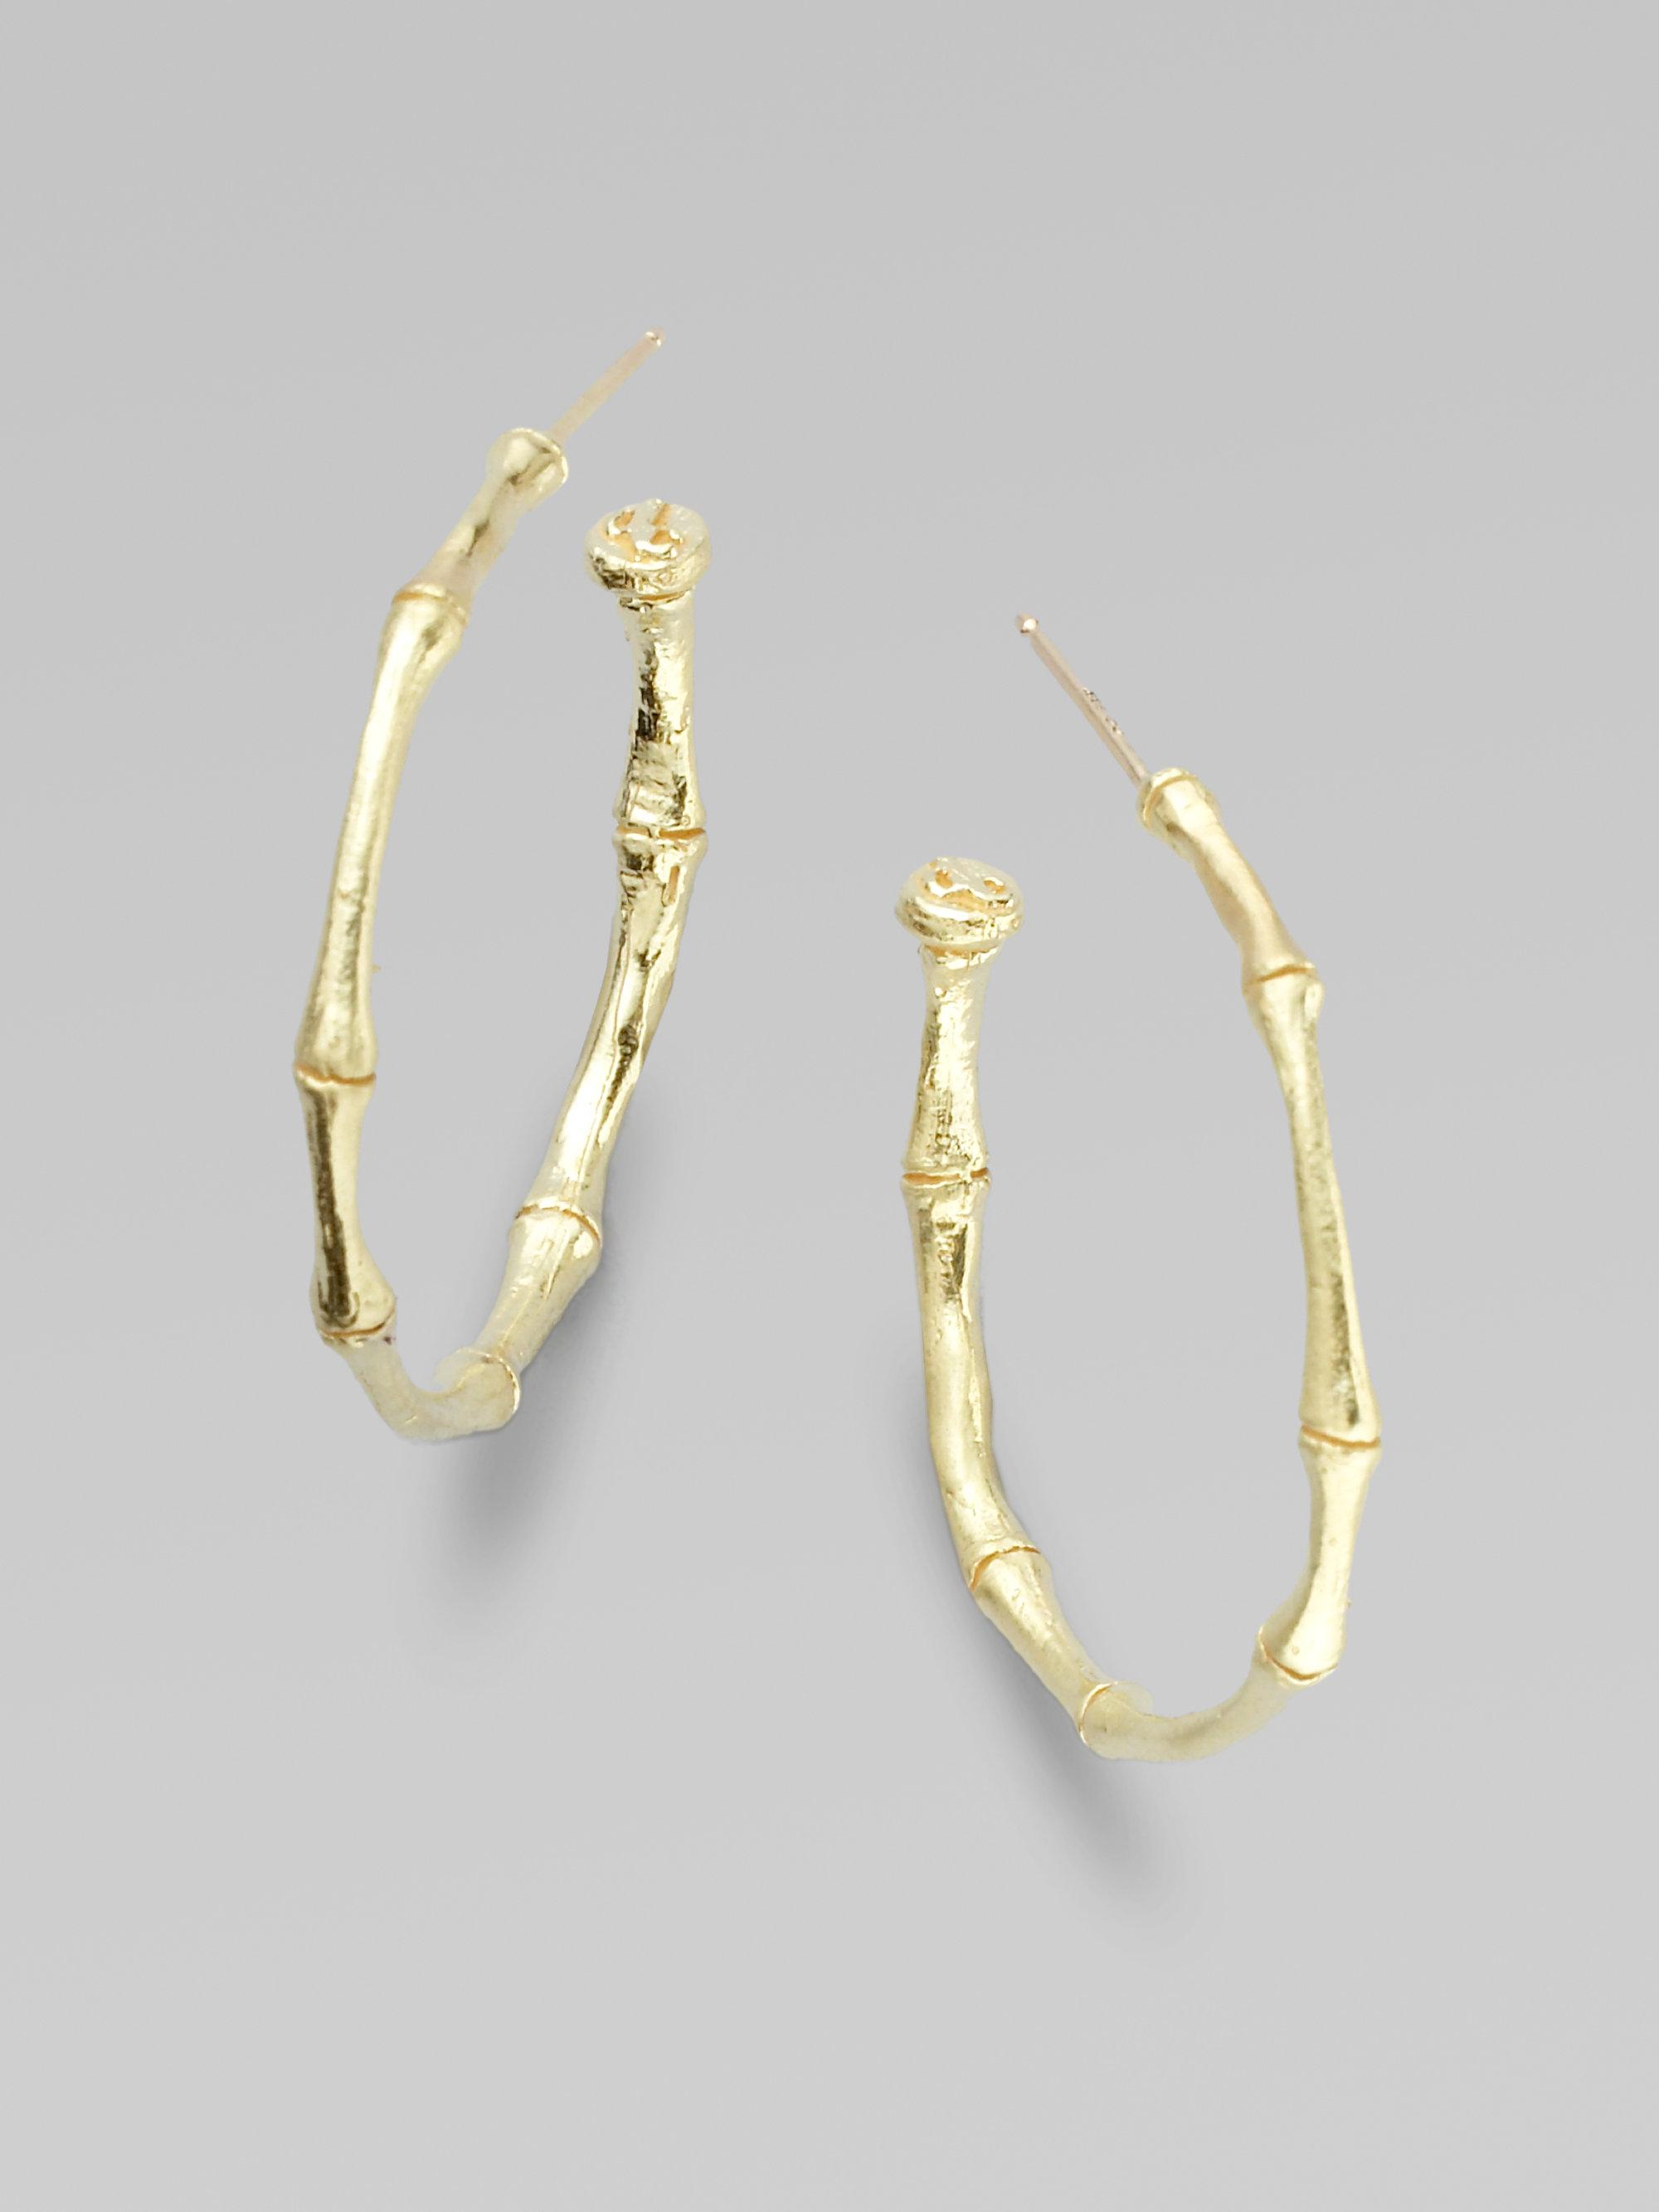 Dominique Cohen 18K Rose Gold & White Diamond Huggie Hoop Earrings d9WlIzT